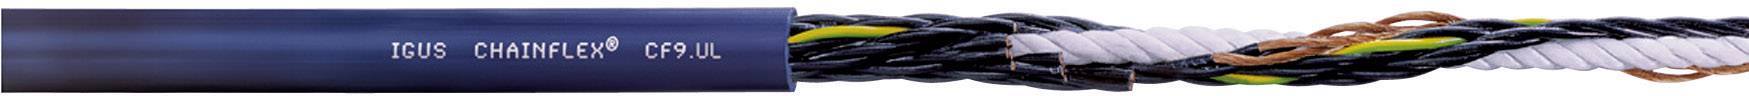 Řídicí kabelové vedení igus Chainflex® (CF9.15.12), 12x 1,5 mm², Ø 14,0 mm, 1 m, modrá